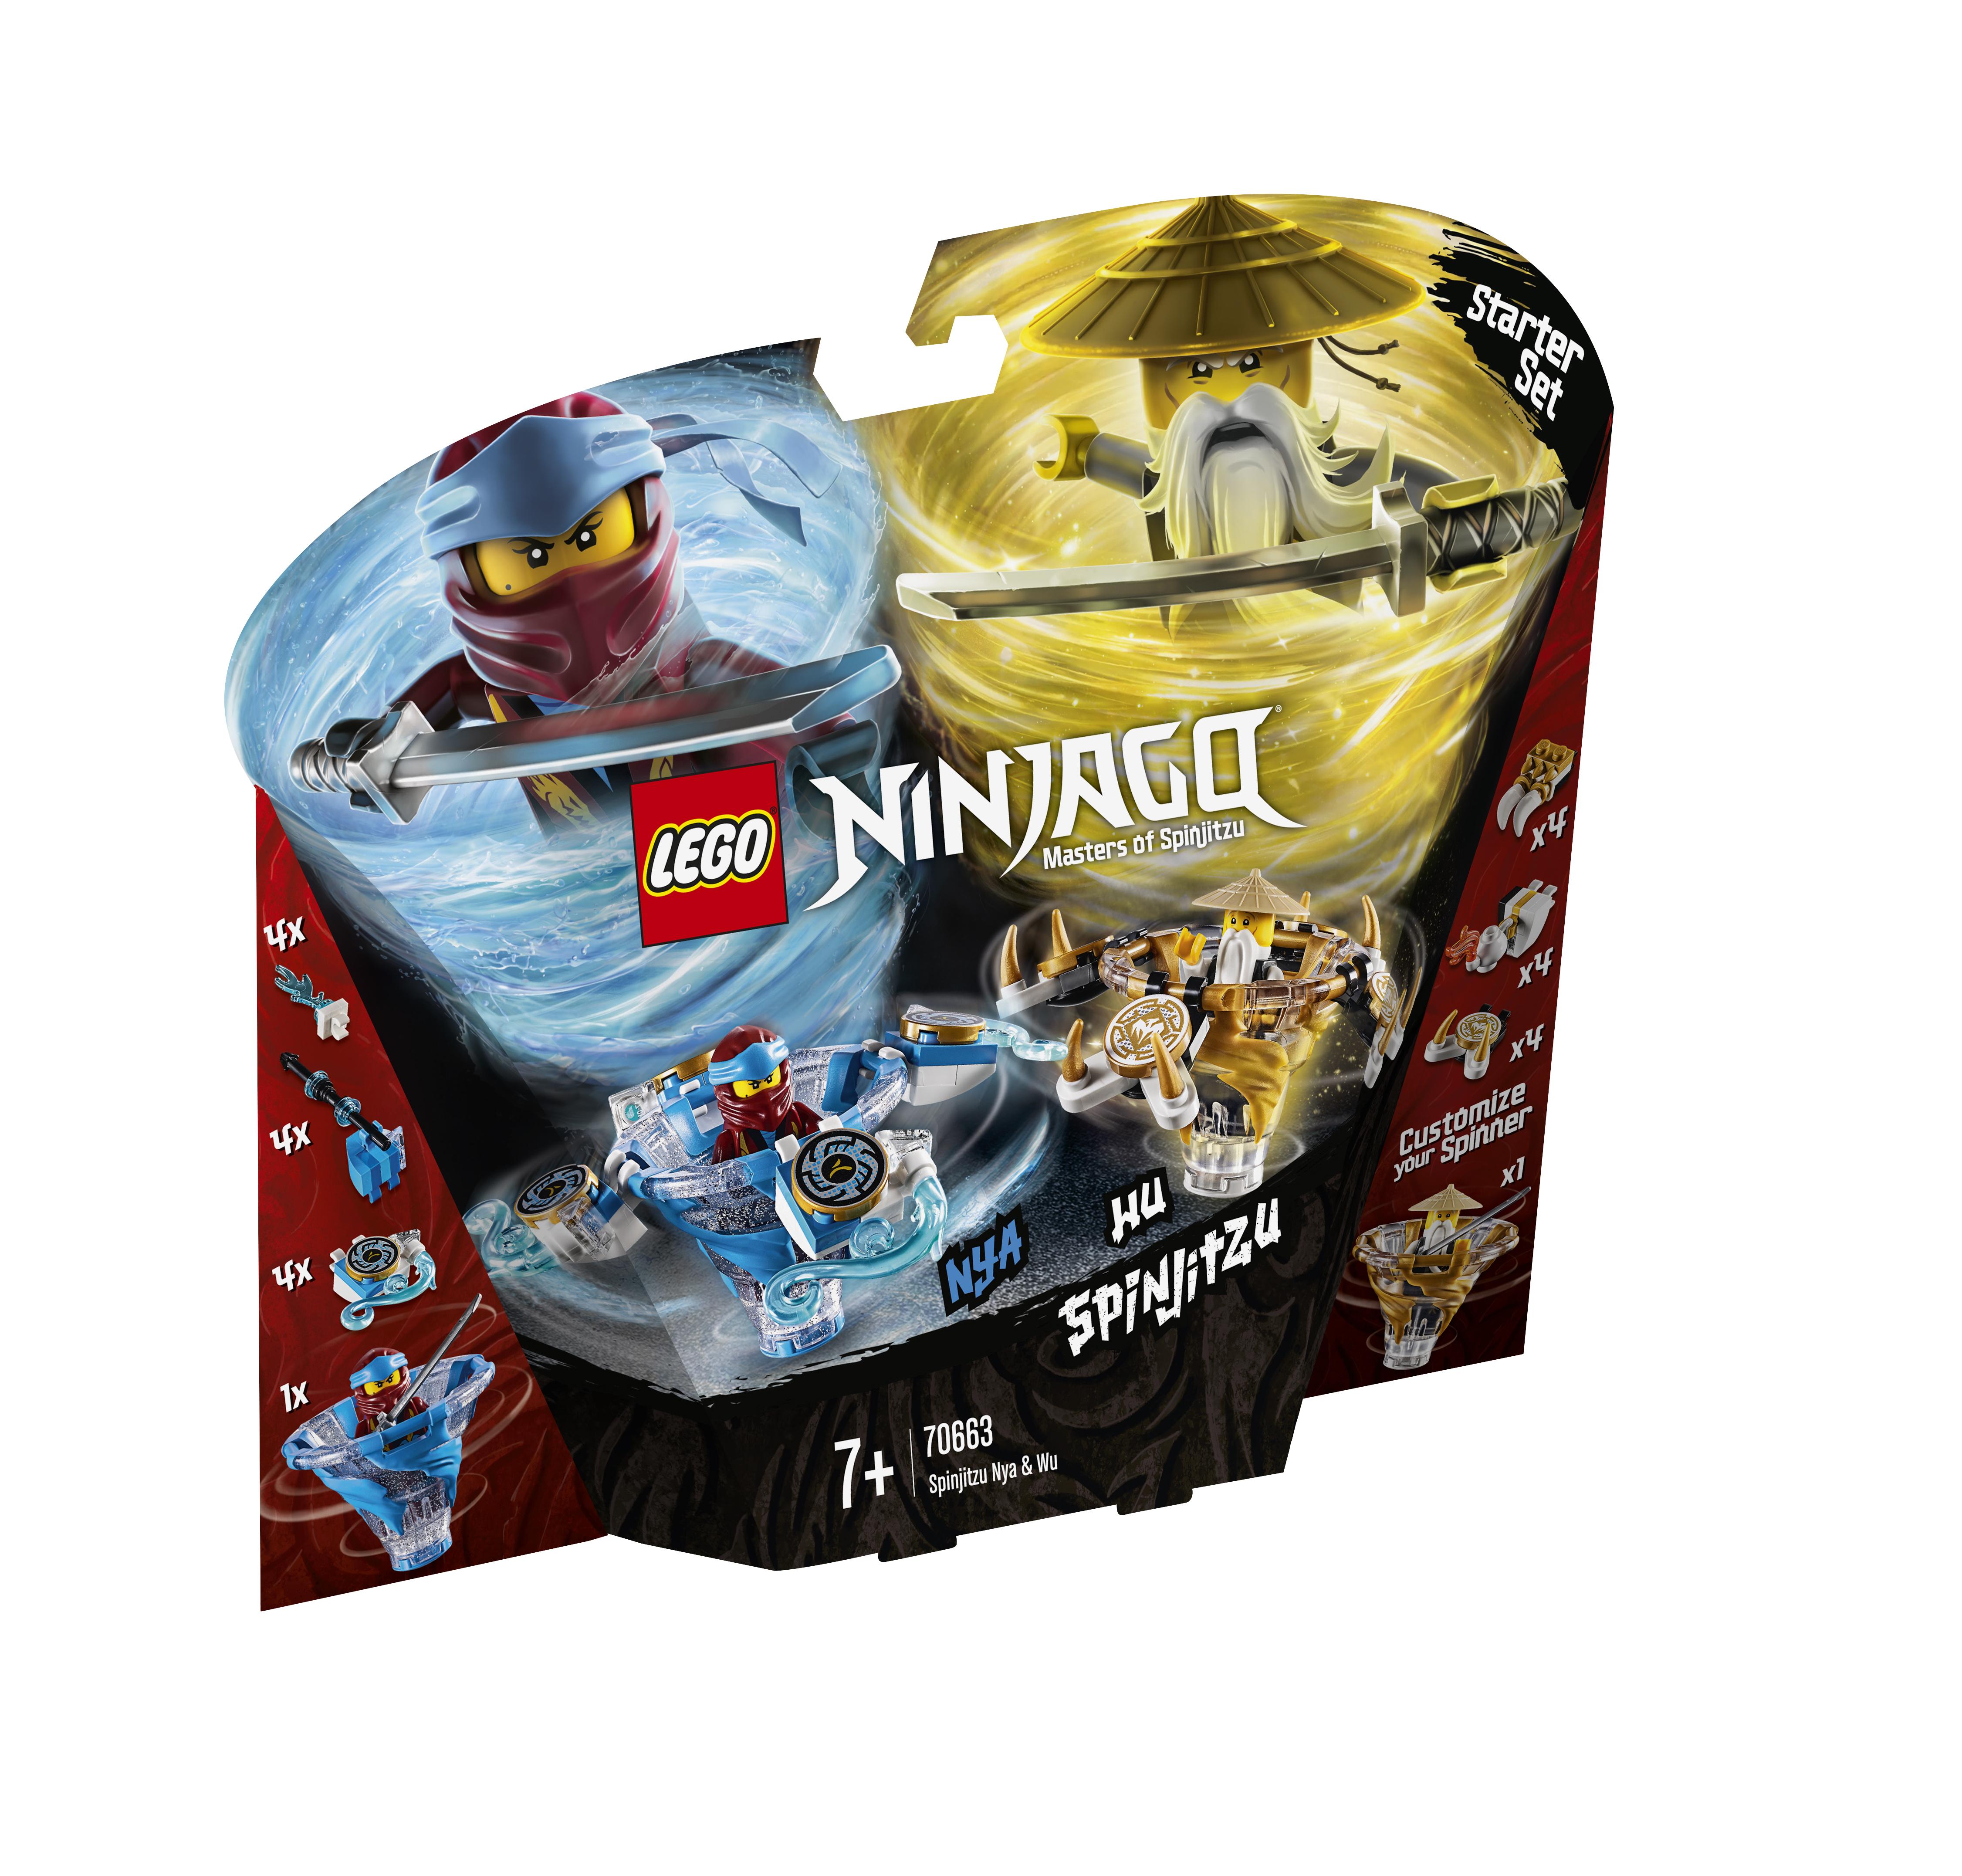 Конструктор LEGO Ninjago 70663 Ния и Ву: мастера Кружитцу констр р lego ninjago битва гармадона и мастера ву